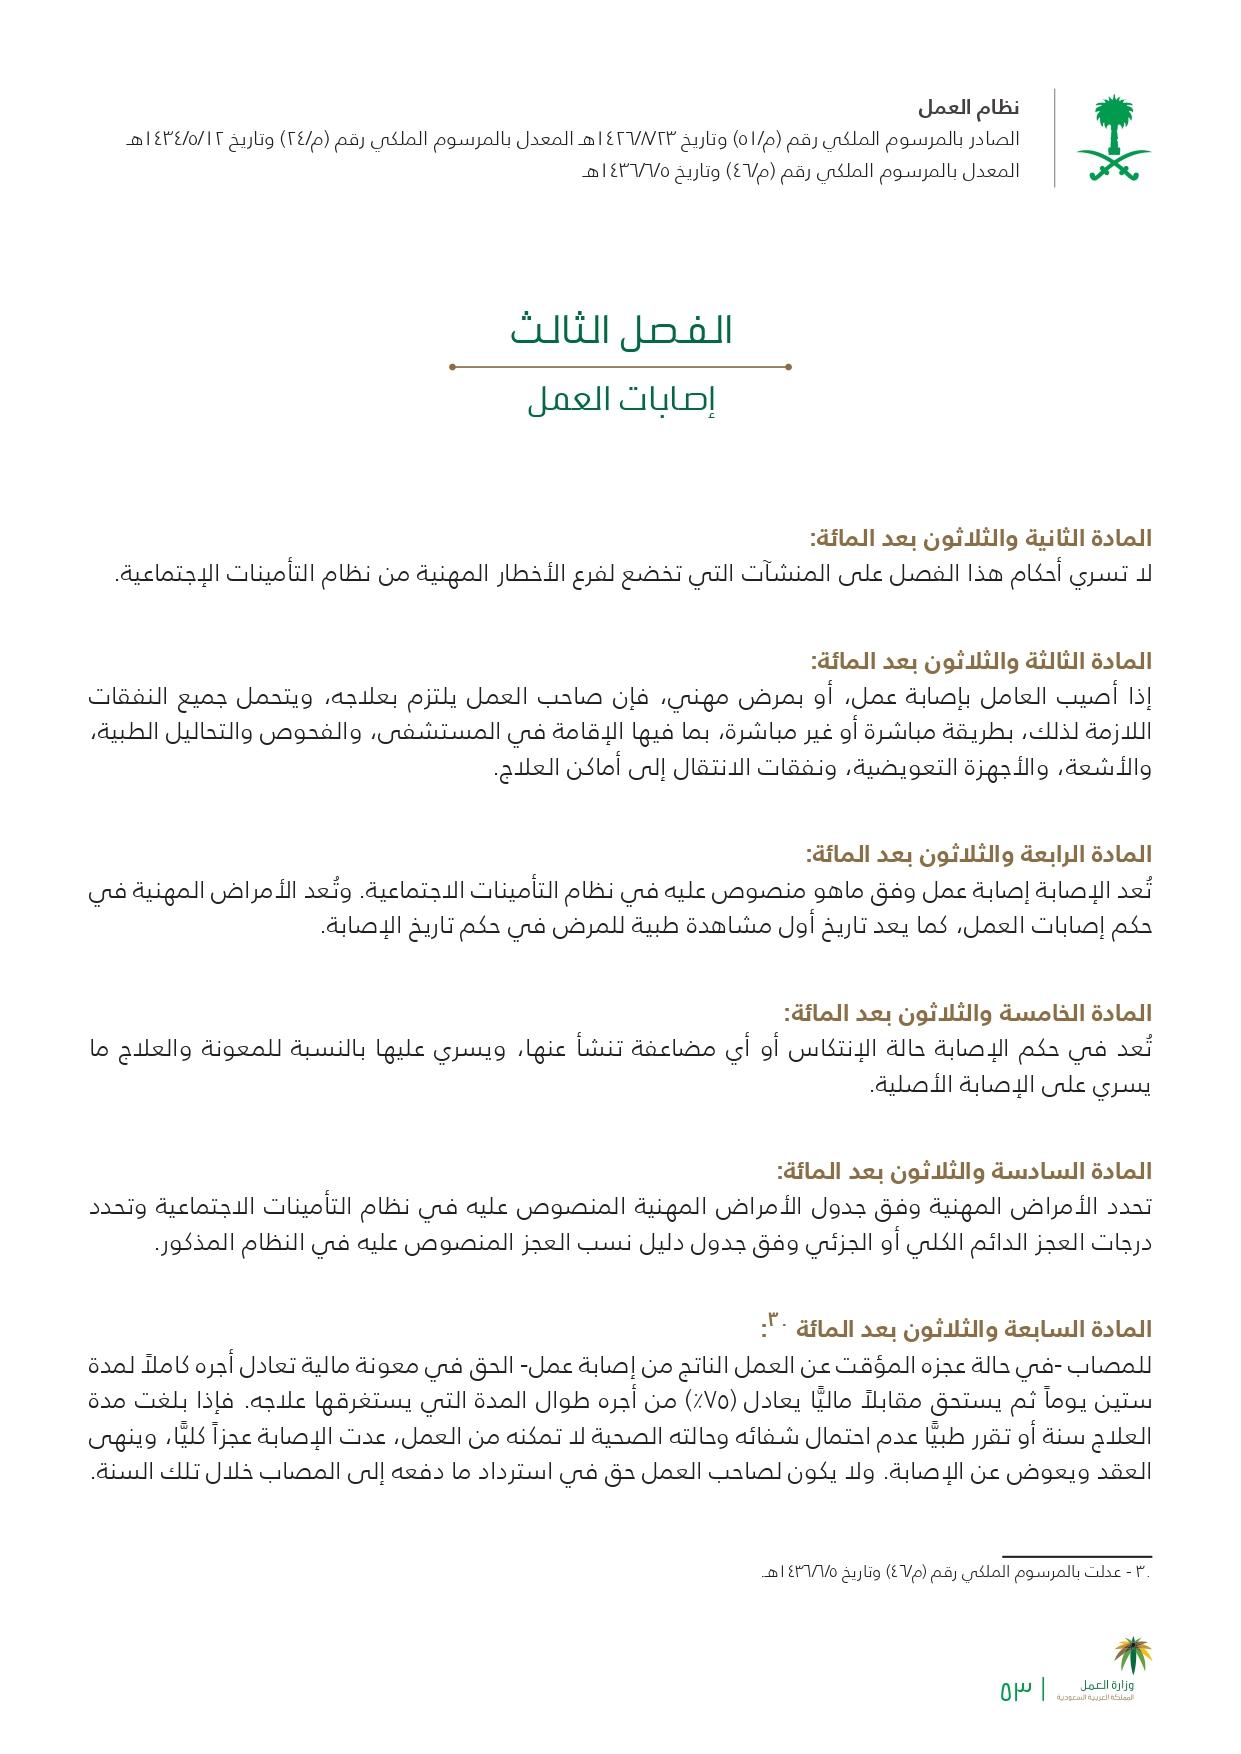 قانون العمل السعودي للوافدين 1441 مبسط وعرض نظام مكتب العمل الجديد للأجانب 2020